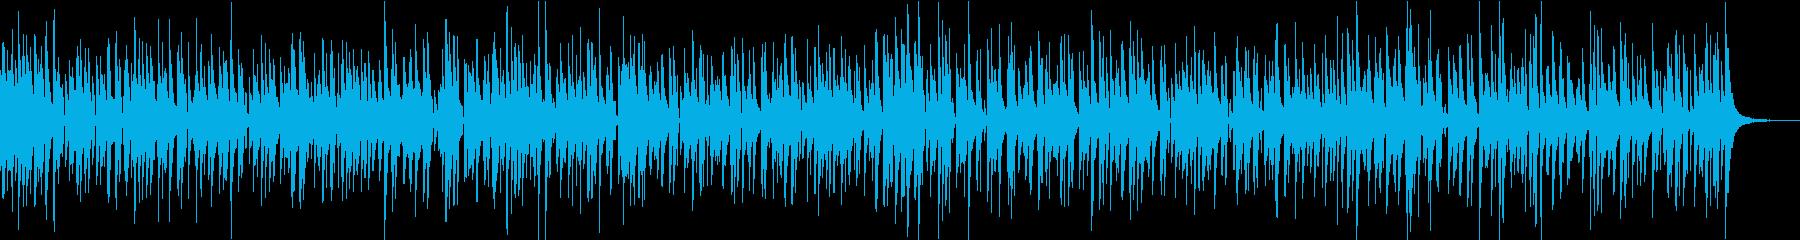 軽やかでクールなウクレレの曲の再生済みの波形